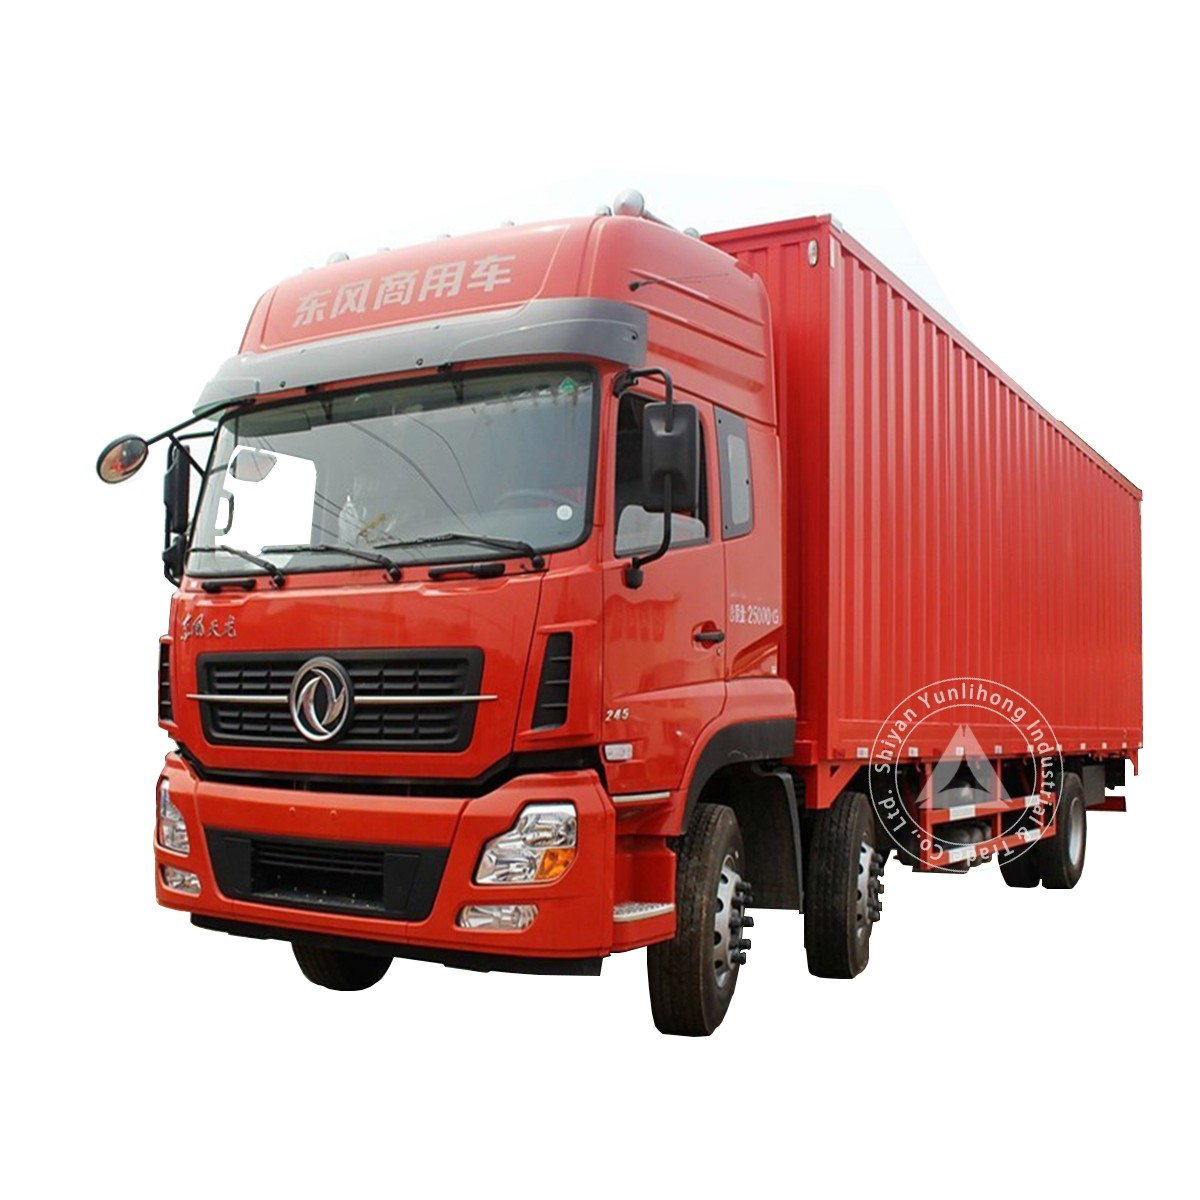 Châssis de TrucK de distribution régionale de 21 tonnes de Dongfeng KL 6x2 GVW